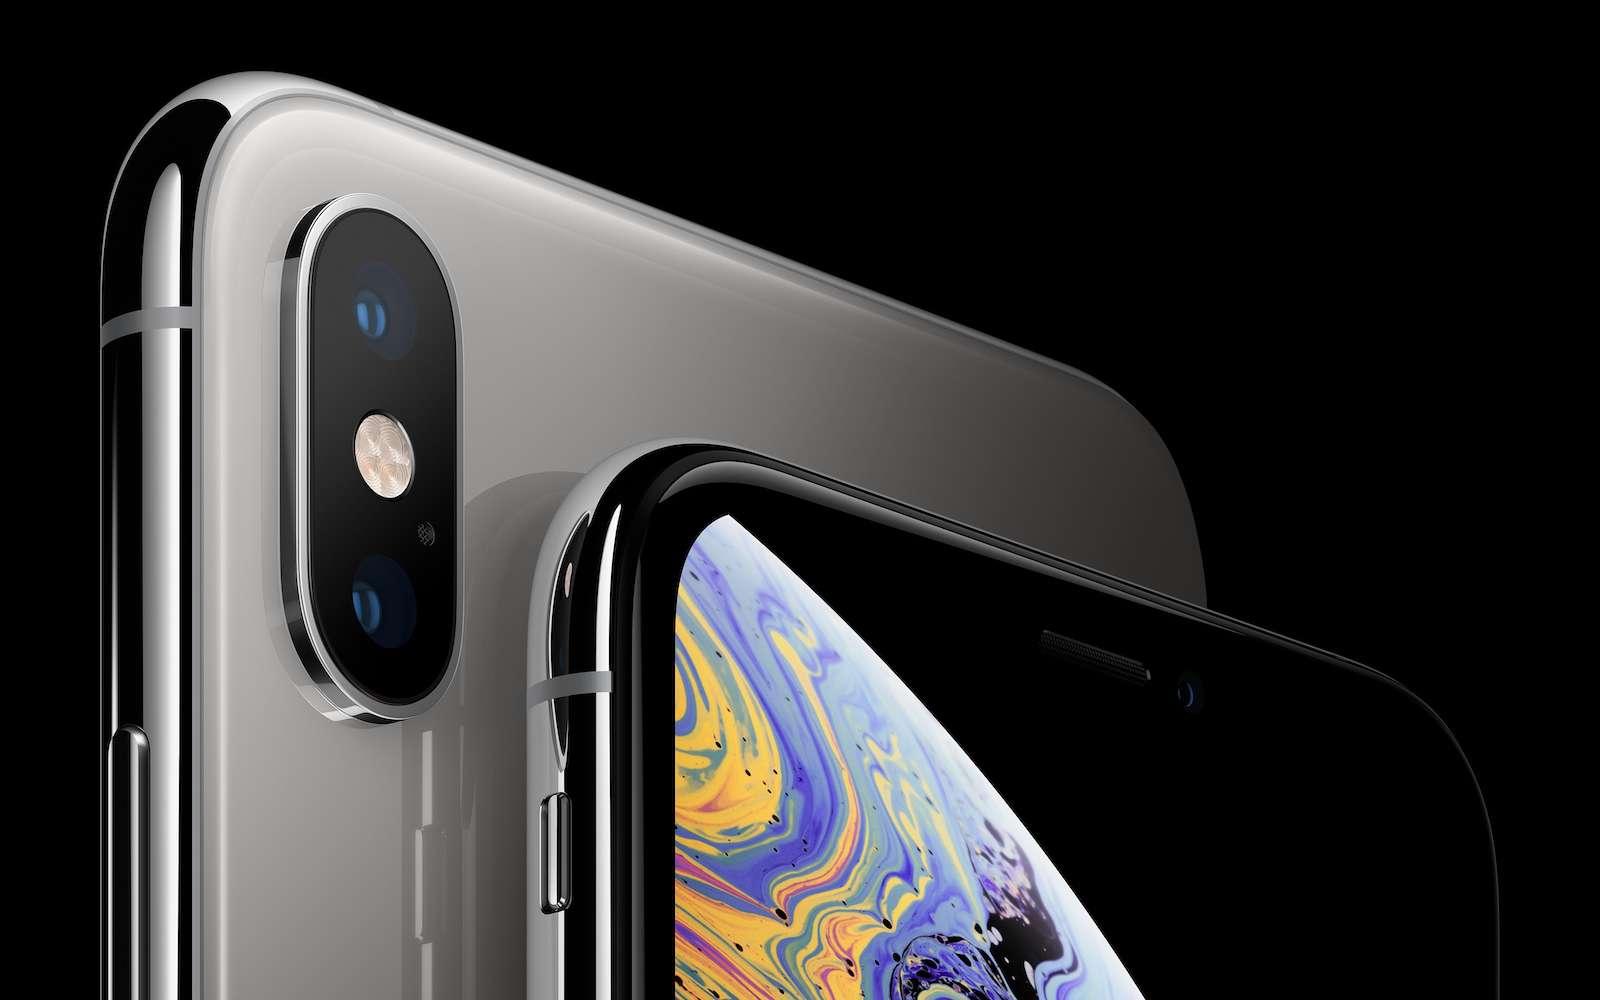 Apple triche-t-il avec l'autonomie annoncée de ses iPhone ? © Apple